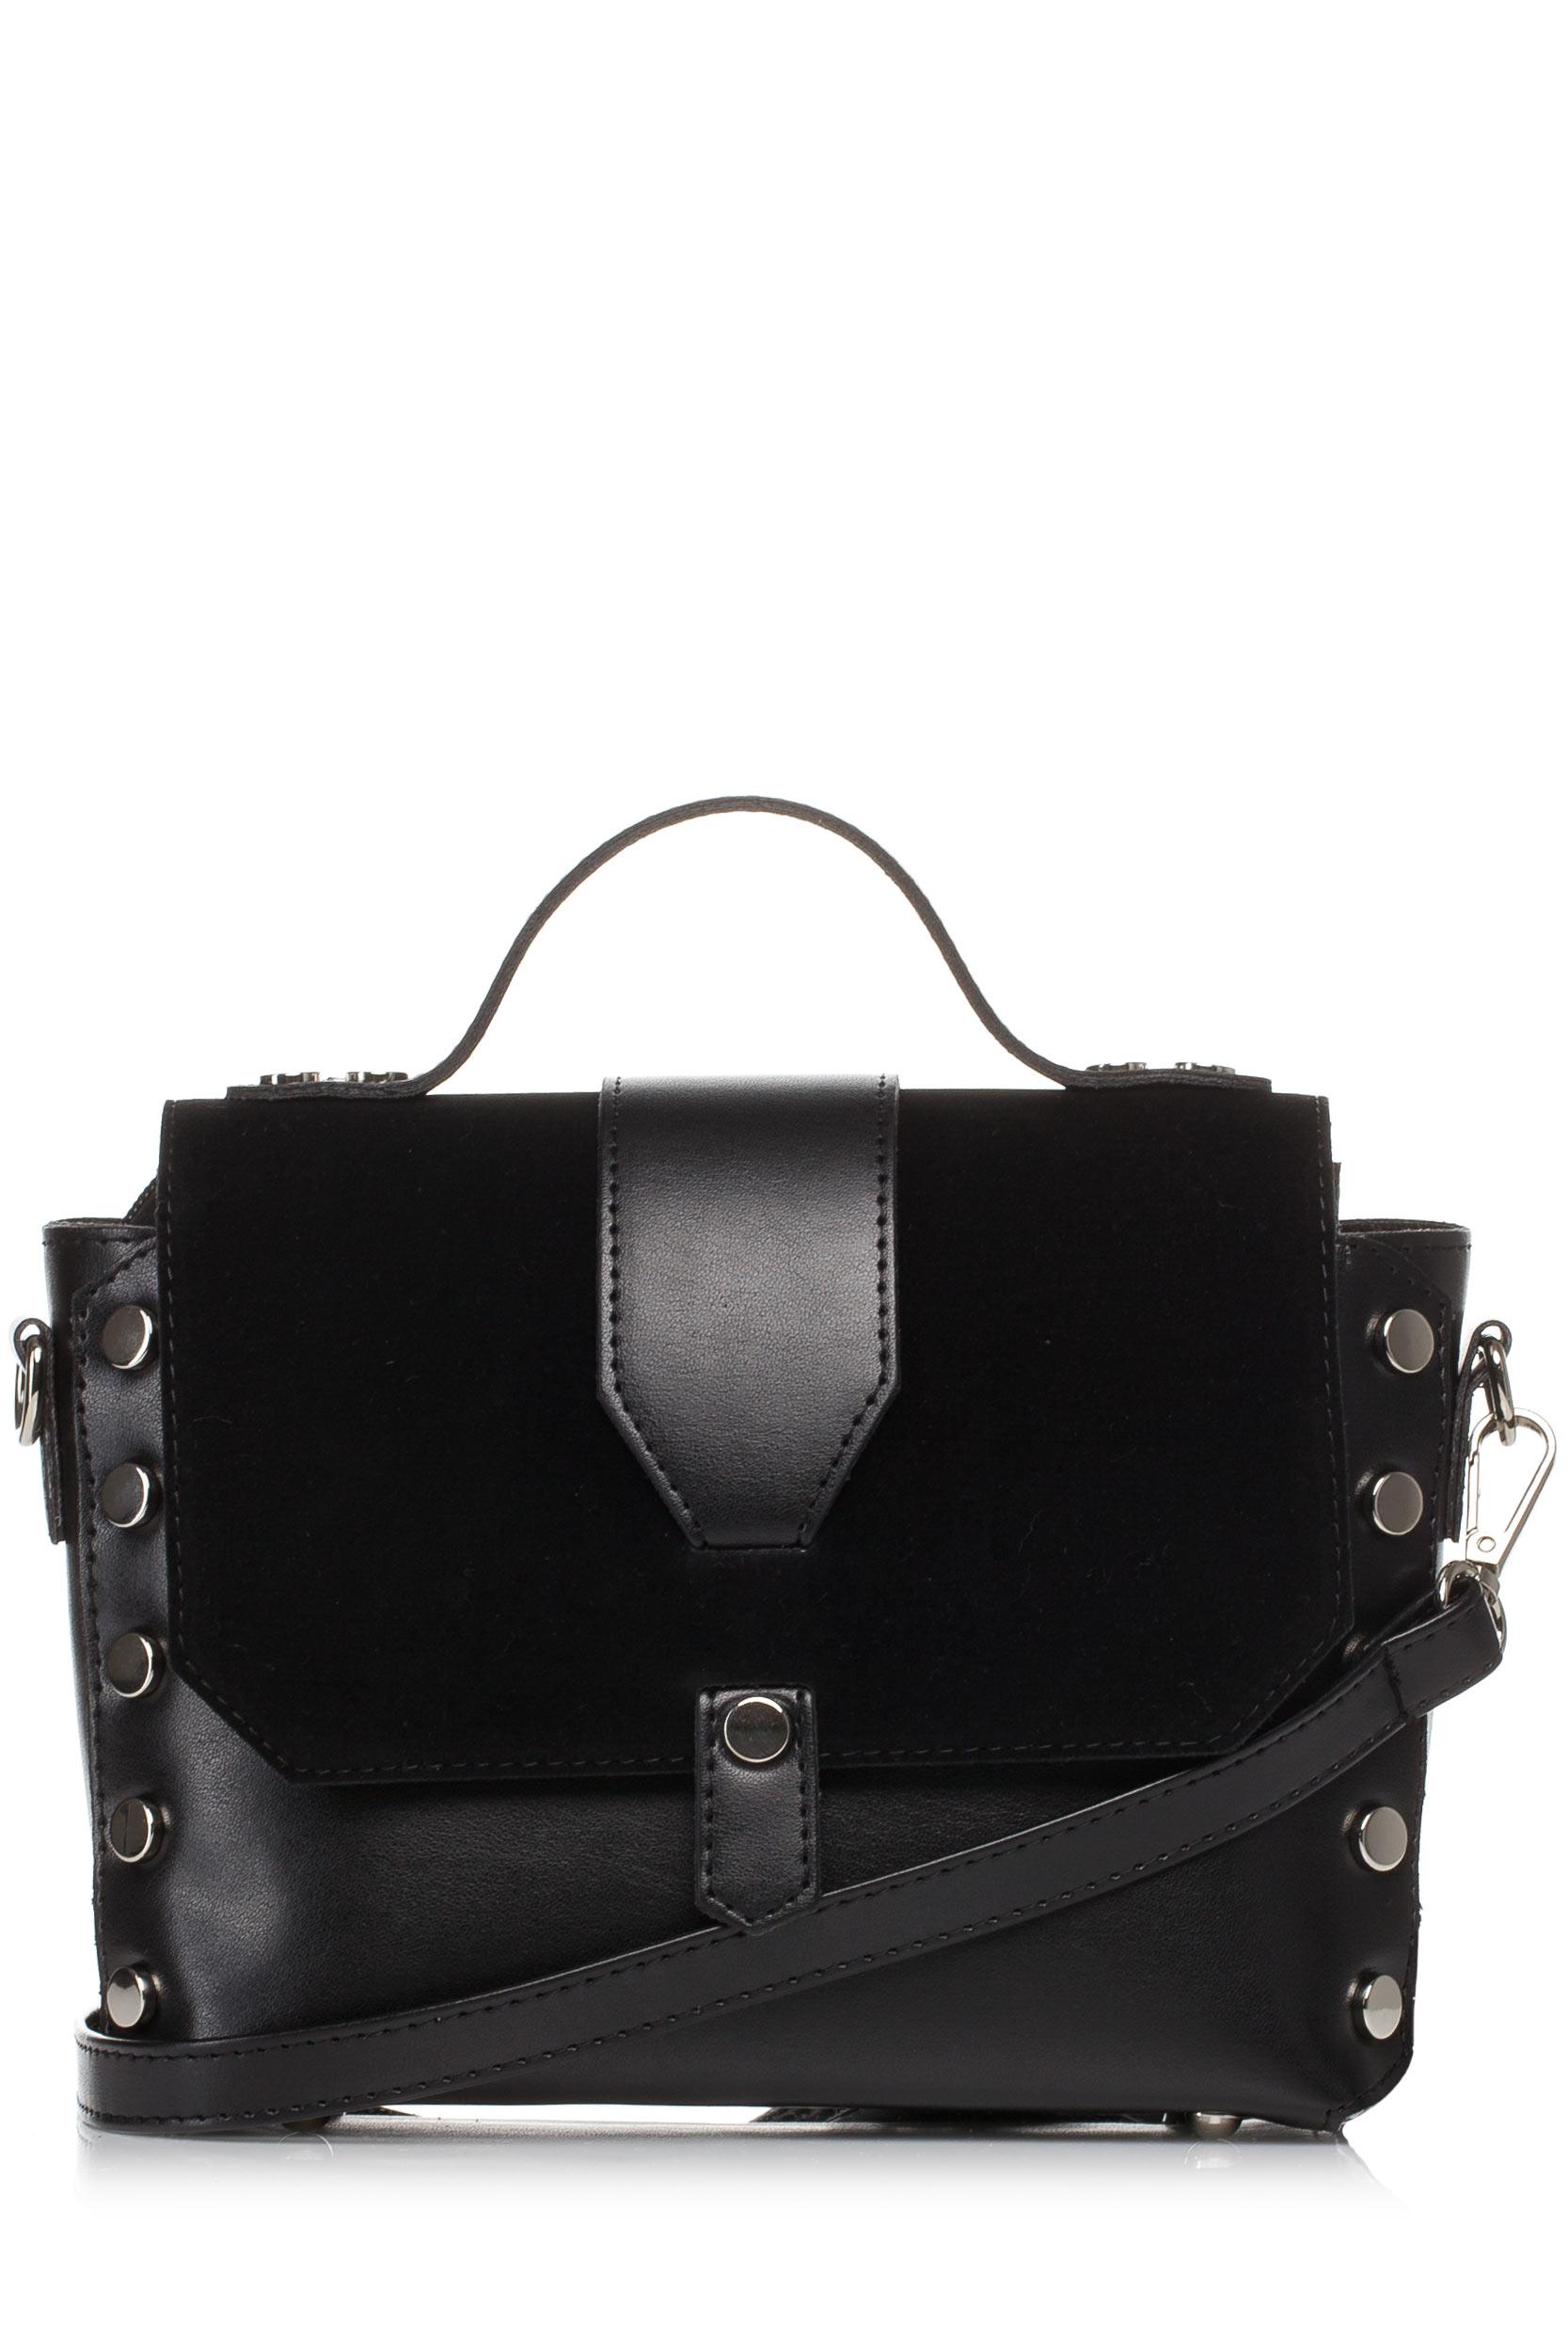 CM3573 Mała zapinana torebka z paskiem - czarna